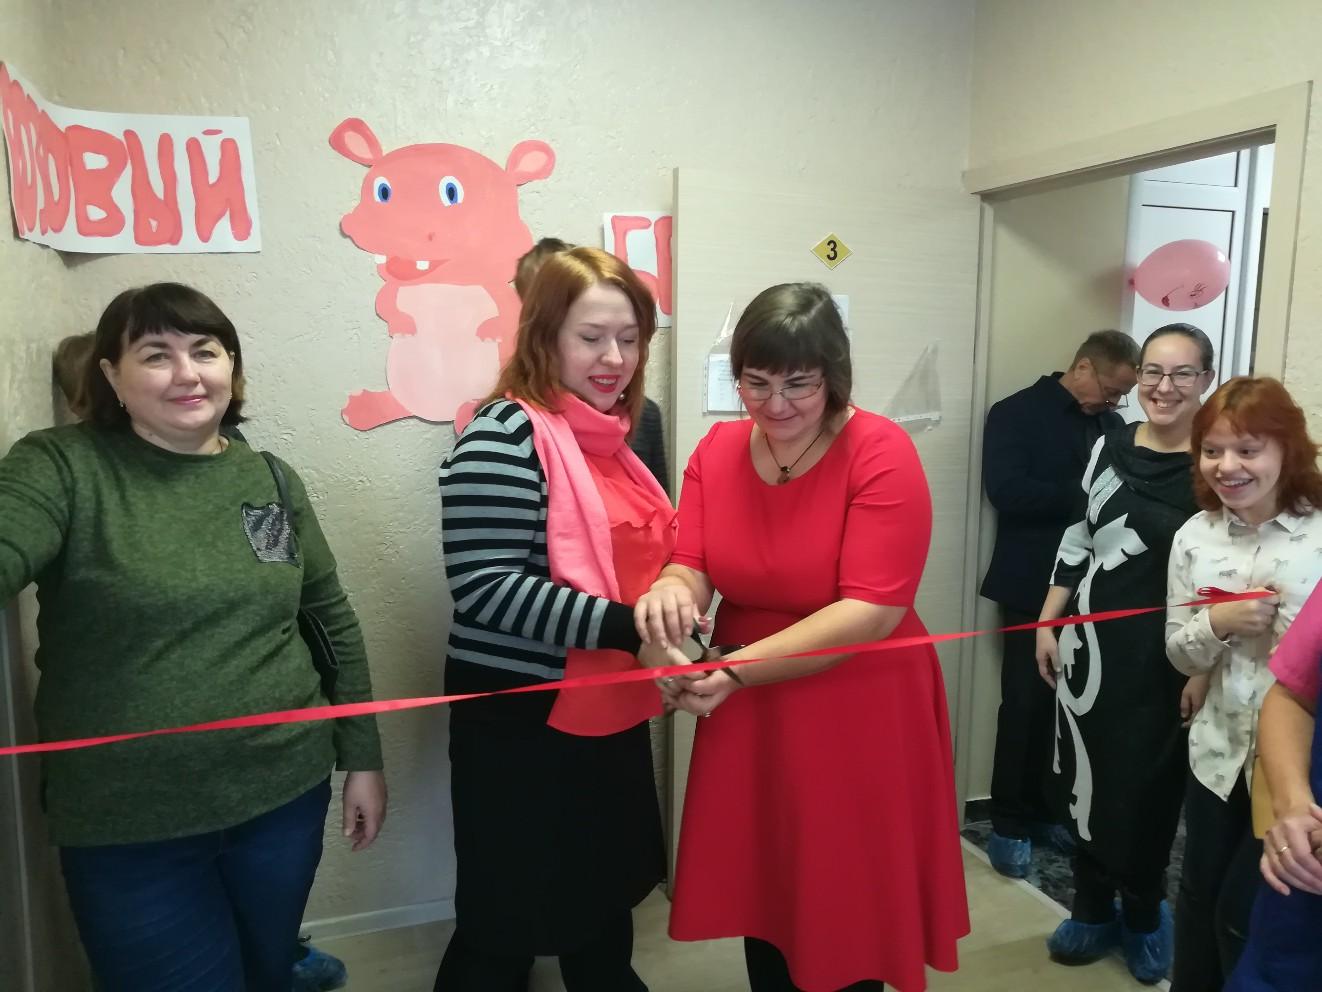 В Кузбассе открылся центр социально-бытовой адаптации подростков и взрослых с инвалидностью